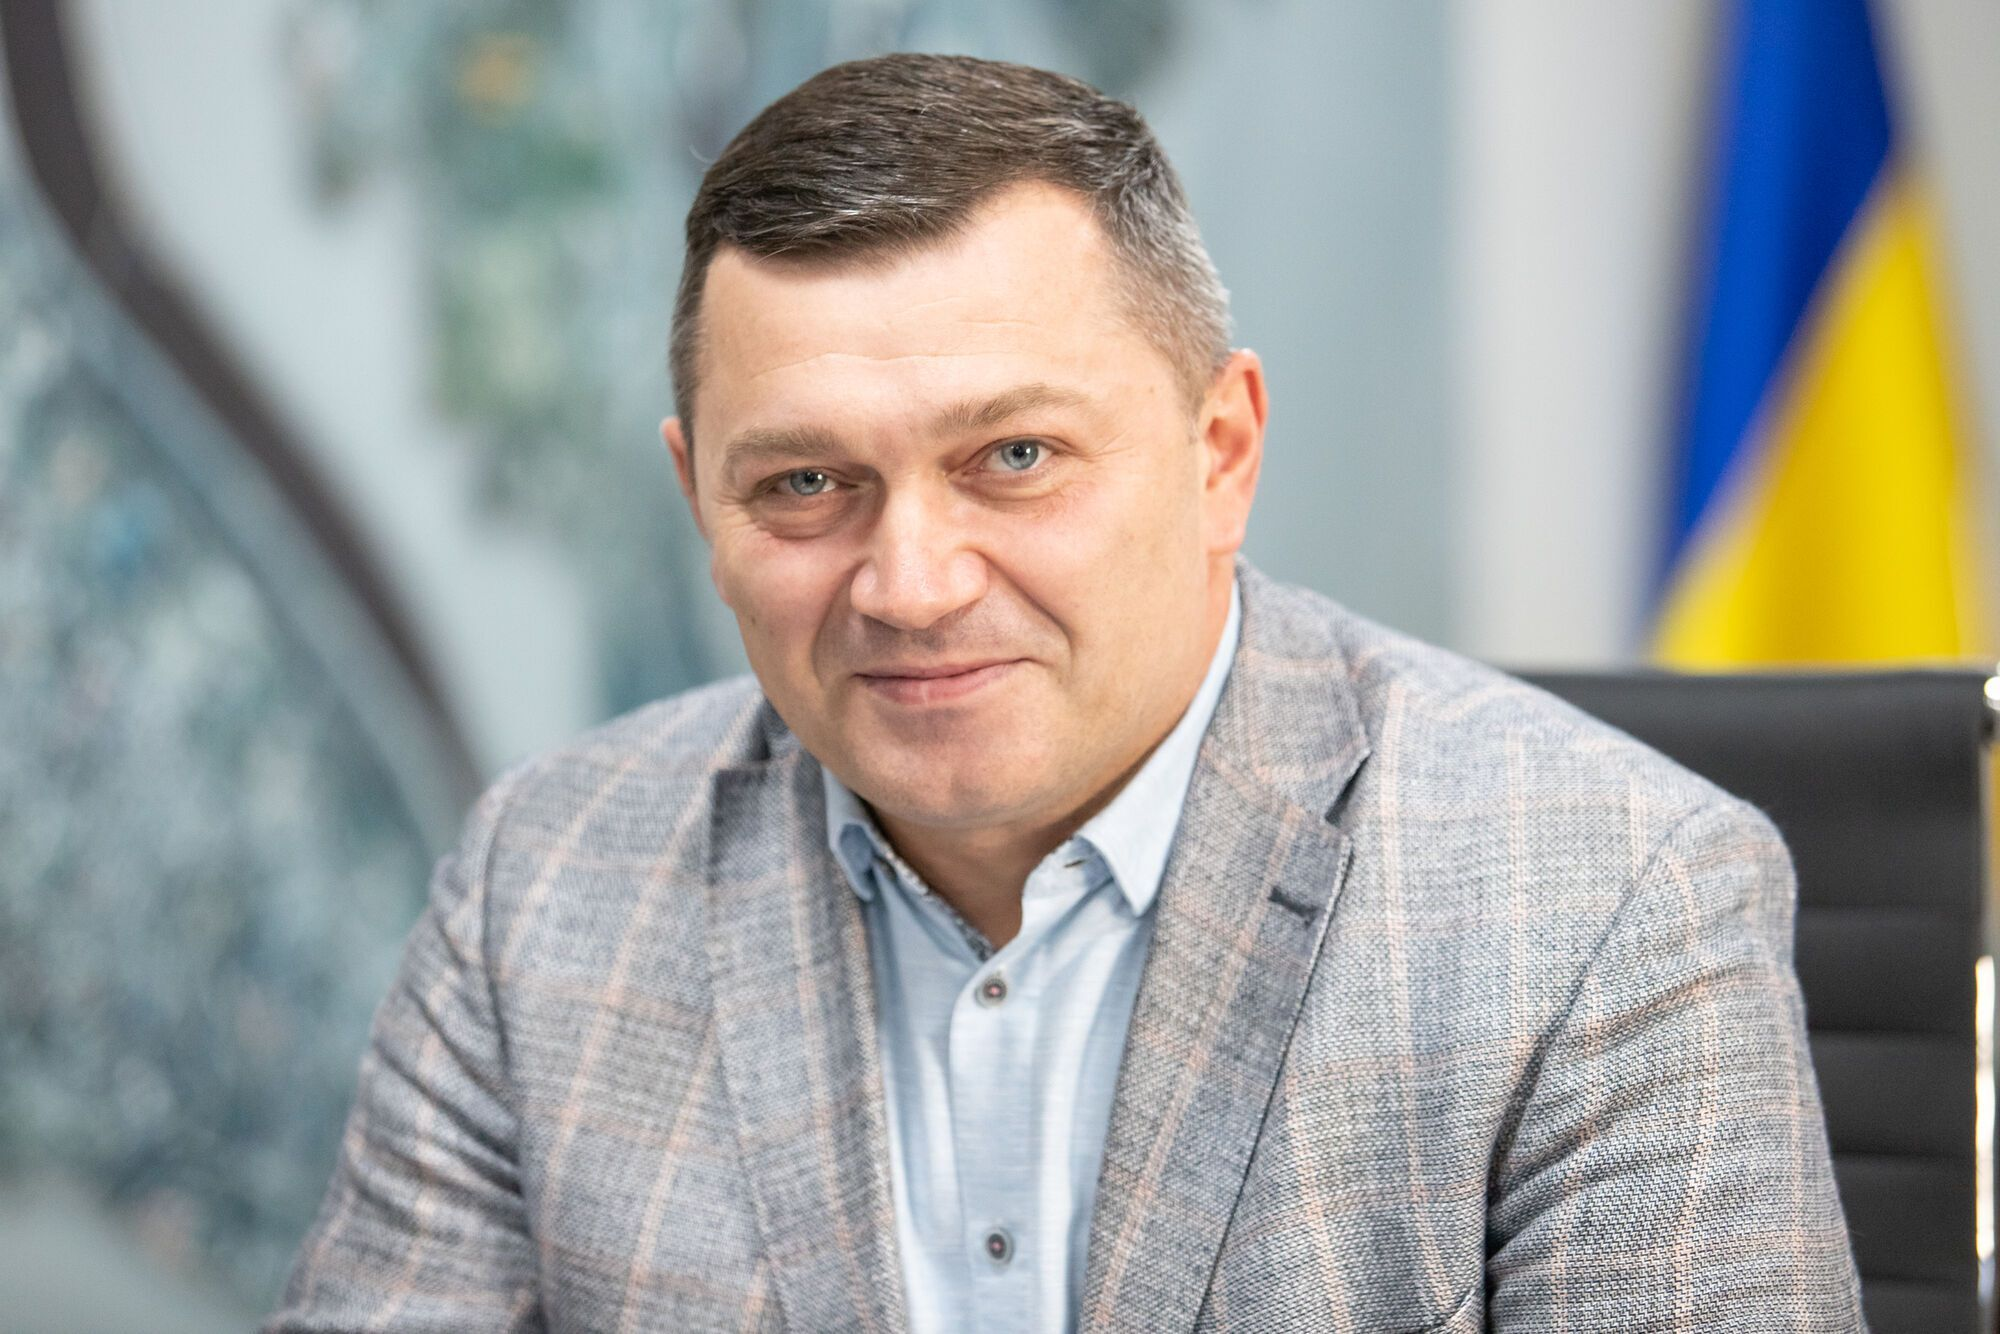 Николай Поворозник, первый заместитель председателя КГГА